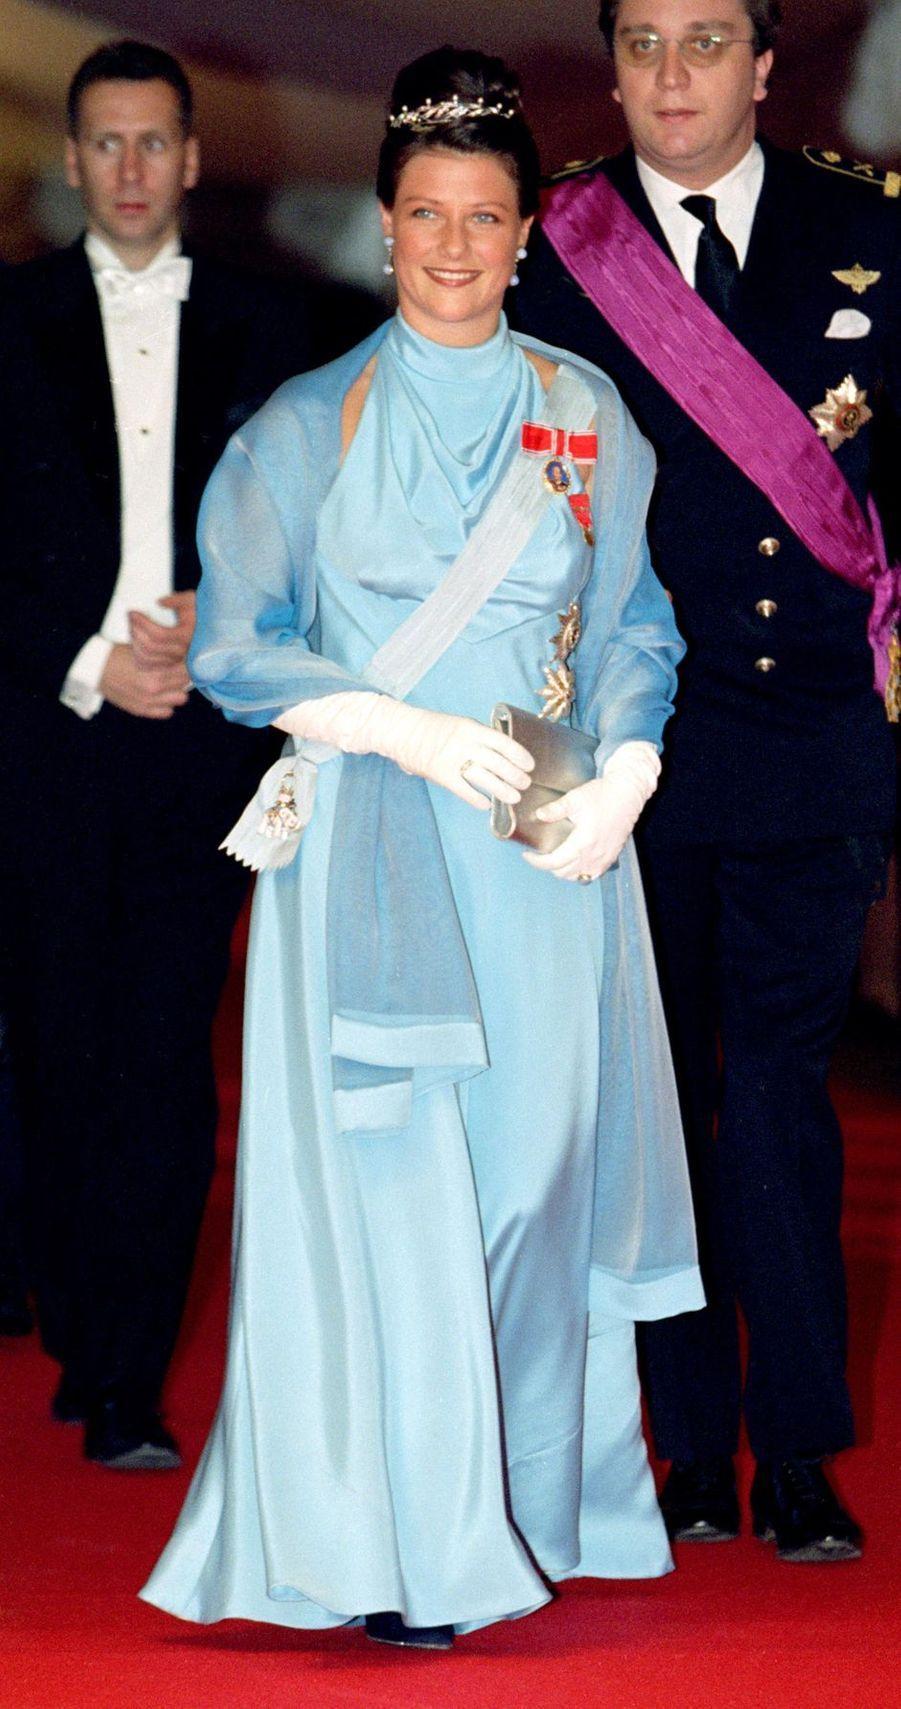 La princesse Märtha Louise de Norvège et le prince Laurent de Belgique à Frederiksborg, le 18 novembre 1995